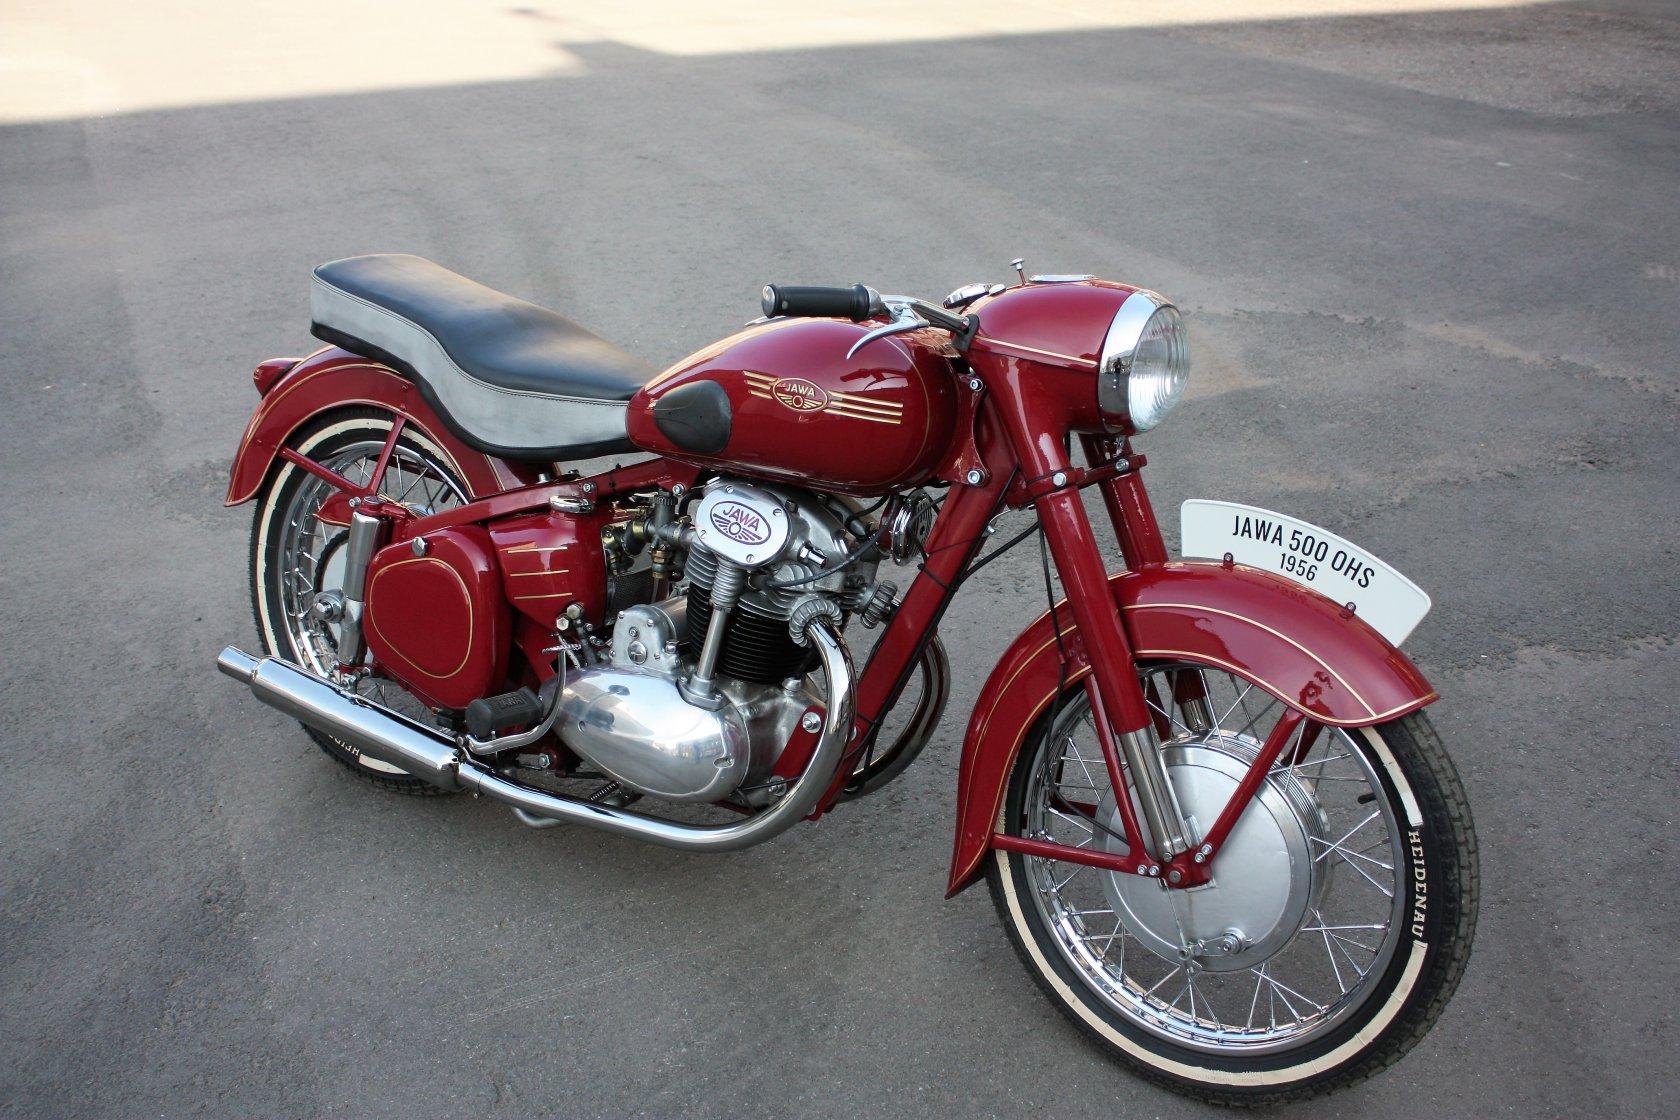 ездила все модели мотоцикла ява фото скребок, используемый для